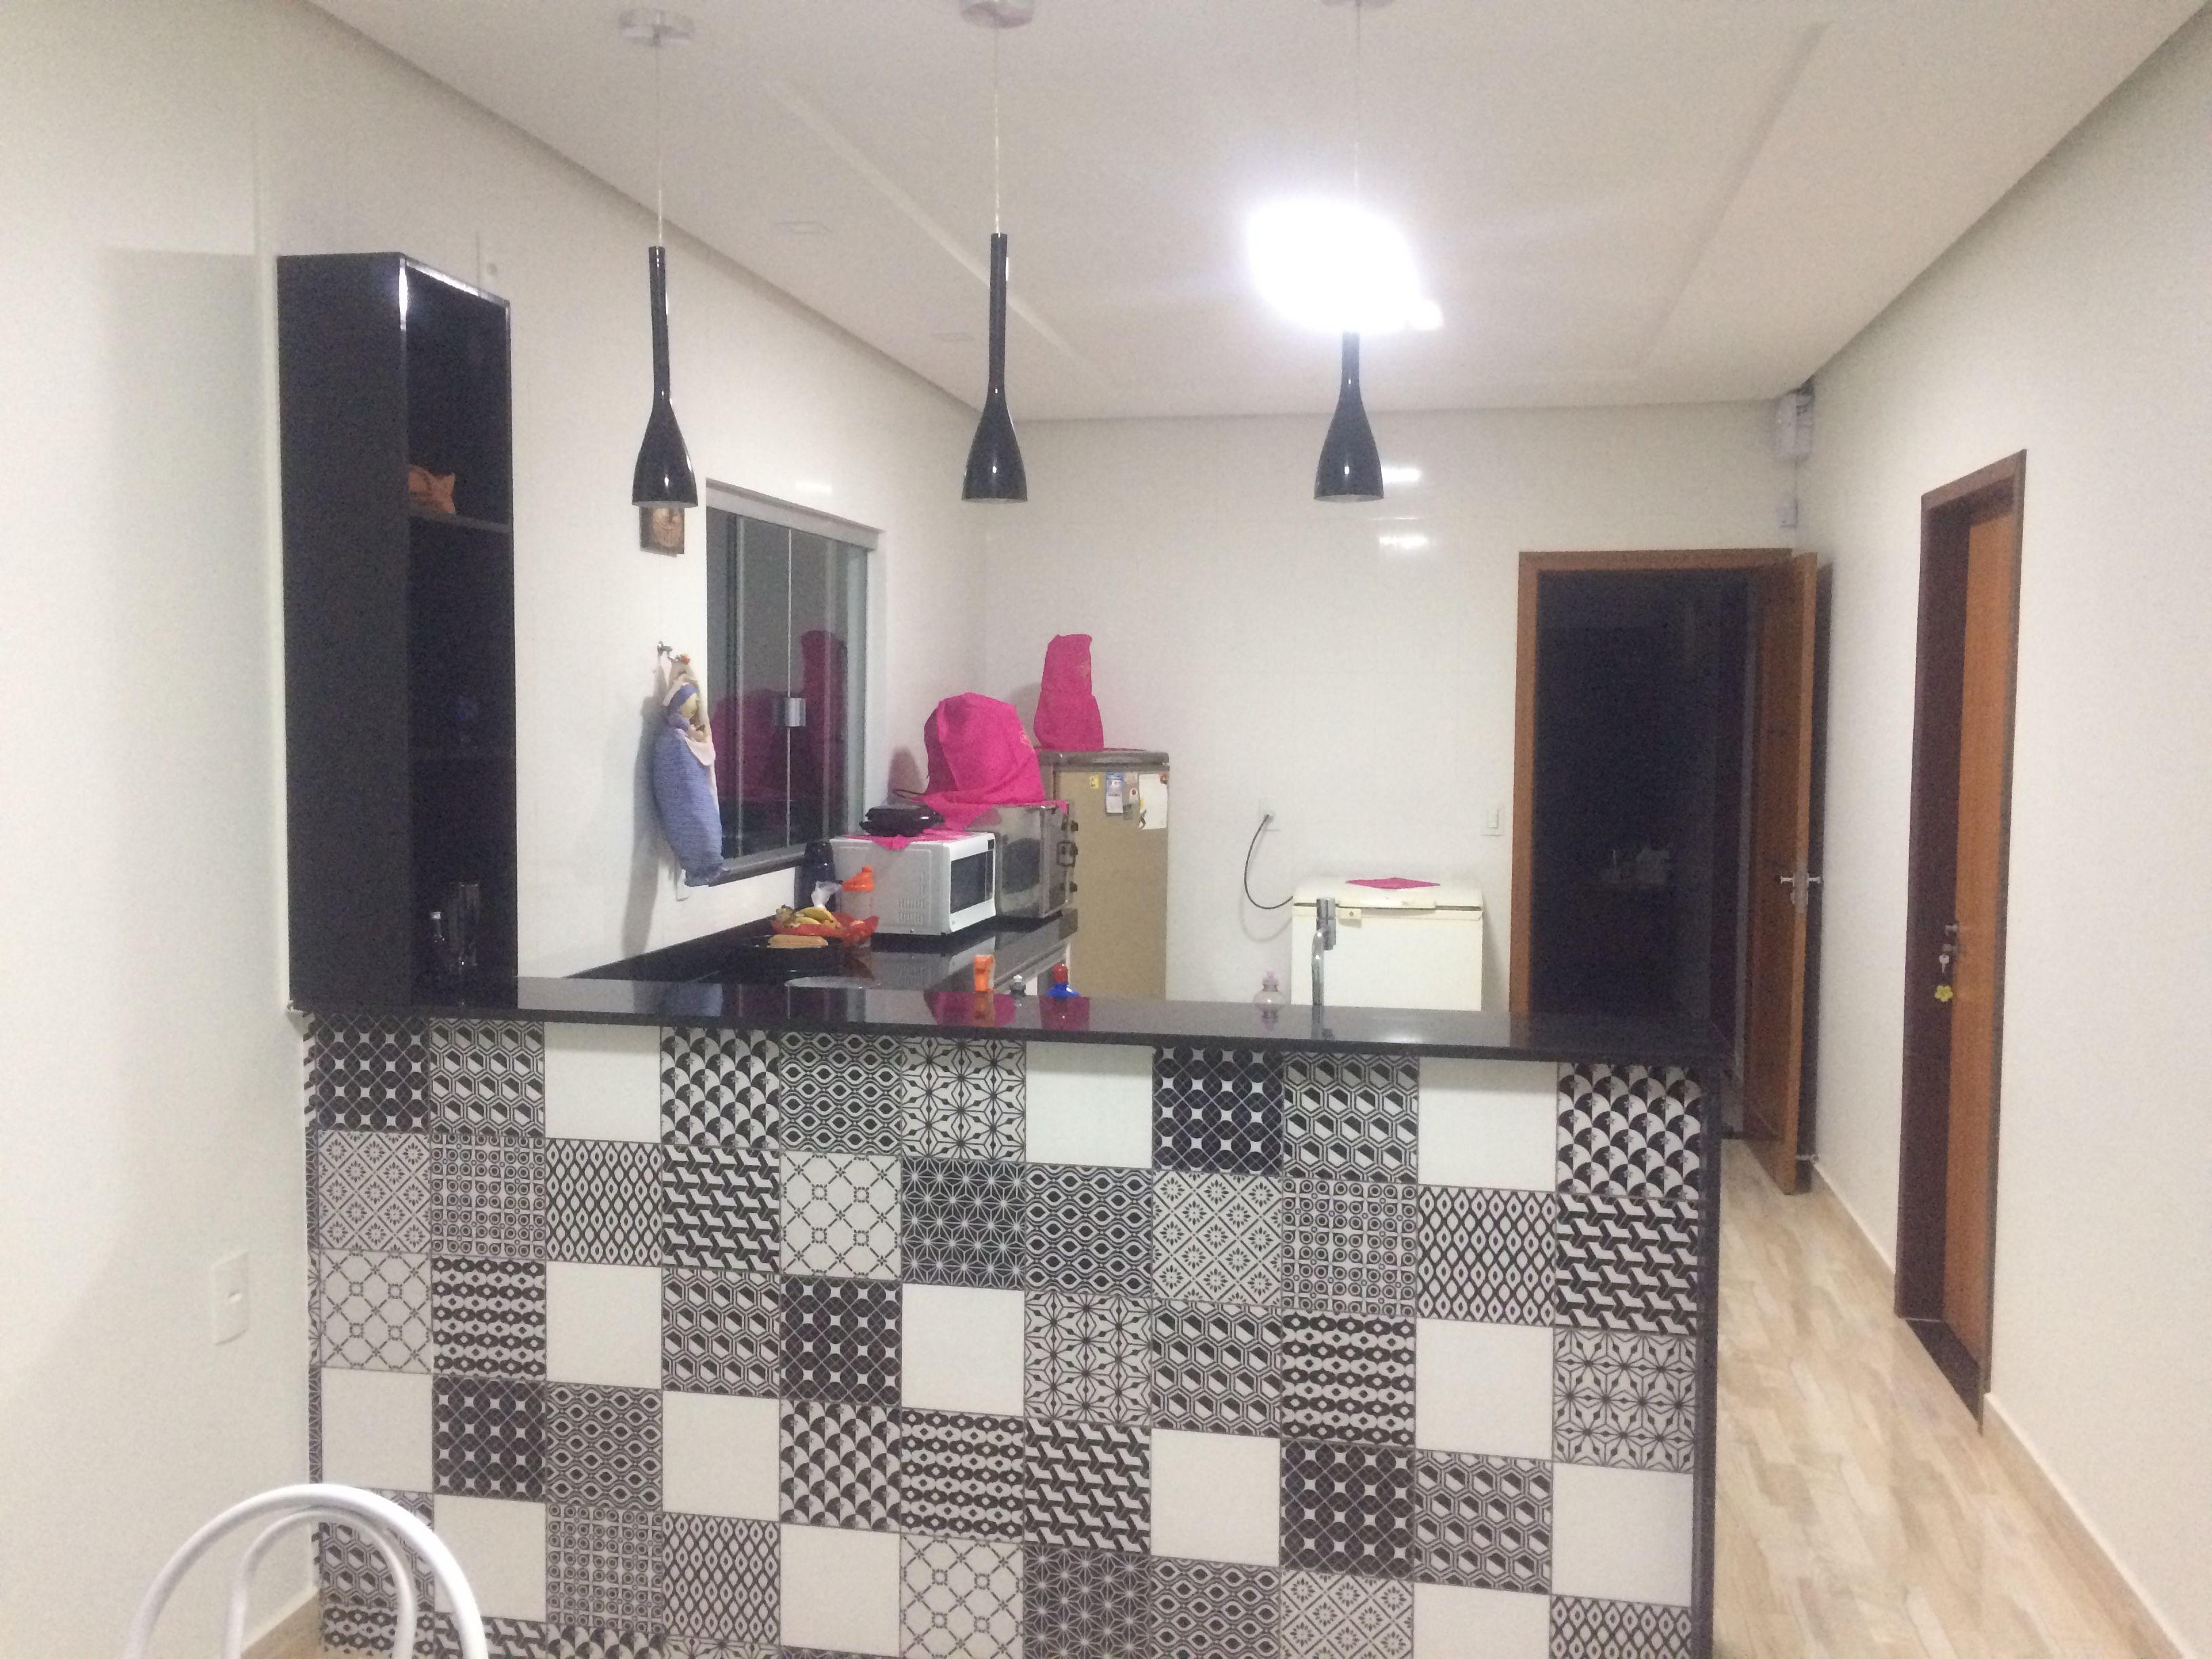 Balc O De Cozinha Em Azulejo Personalizado Preto E Branco Cozinha